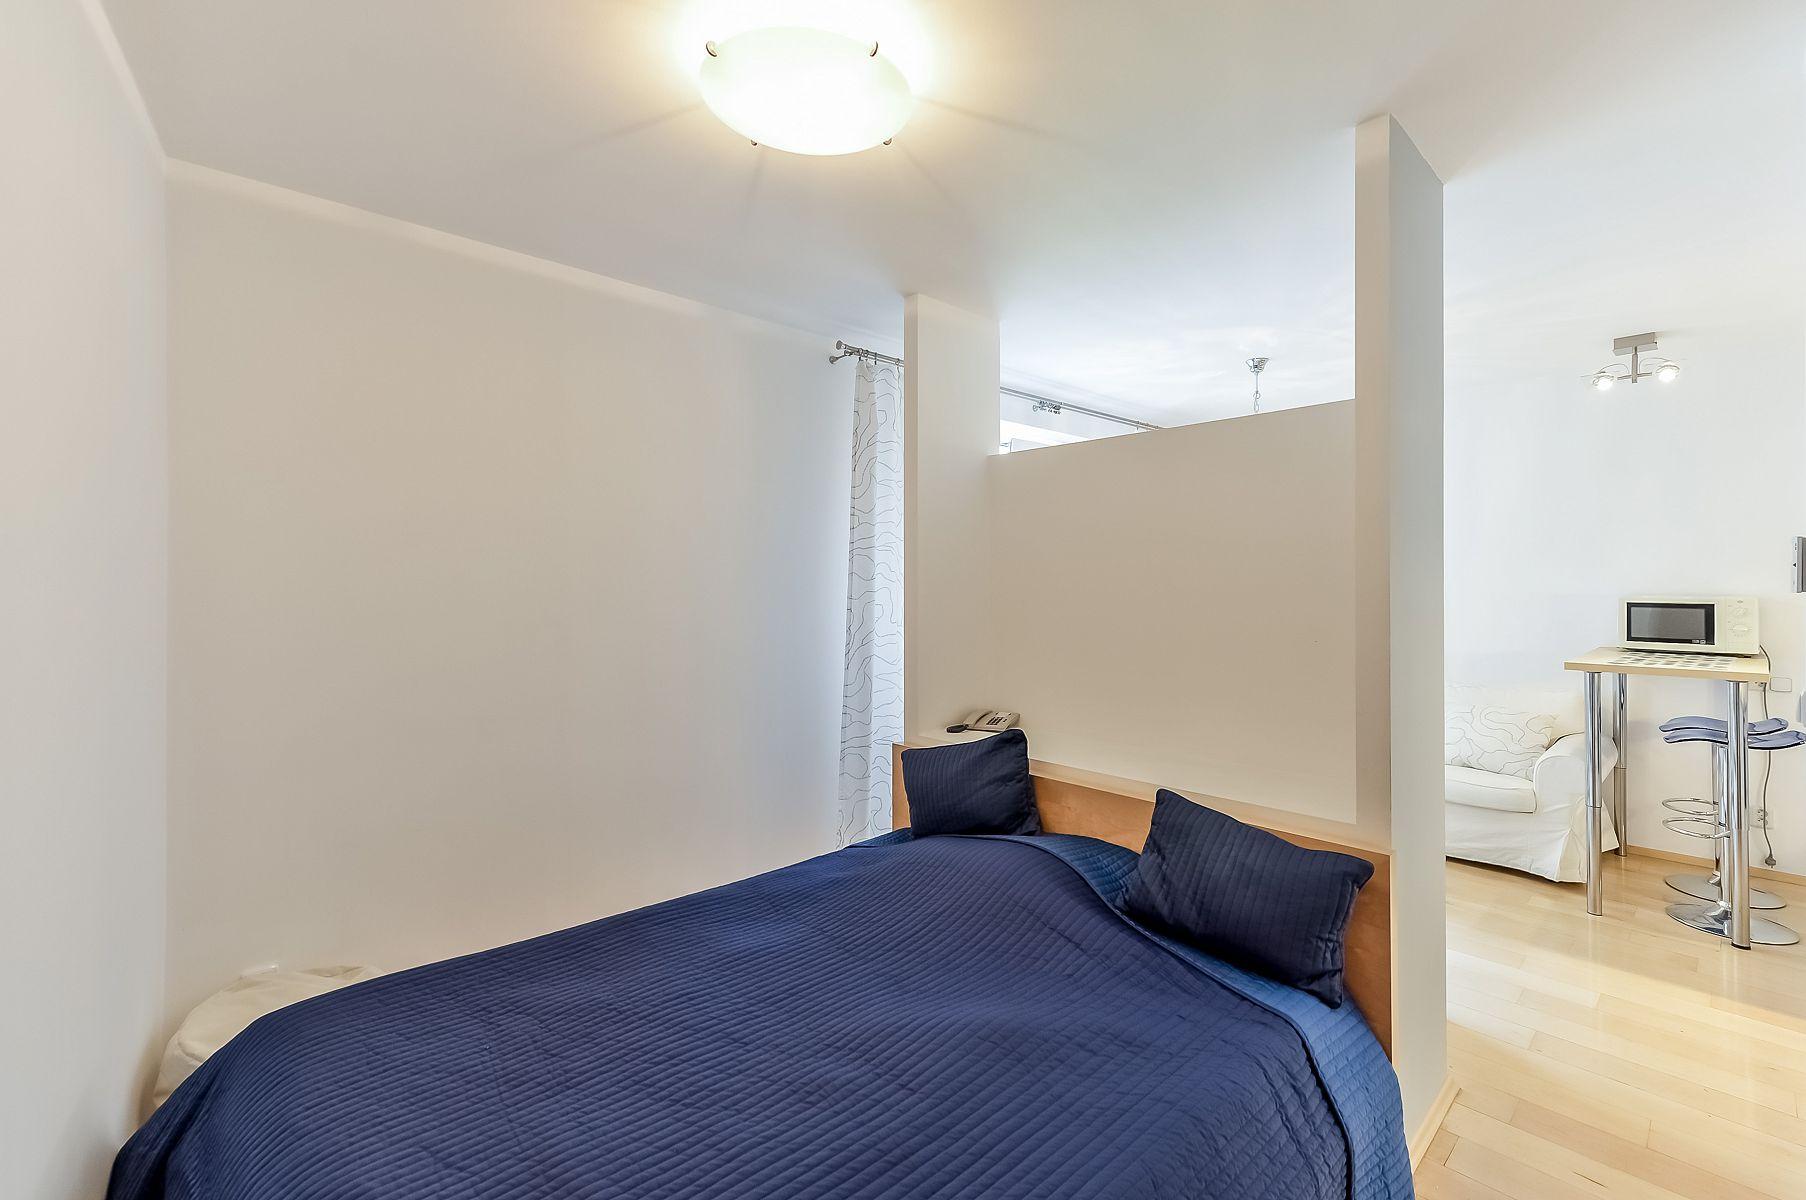 Однокомнатная квартира 40 кв м с кроватью